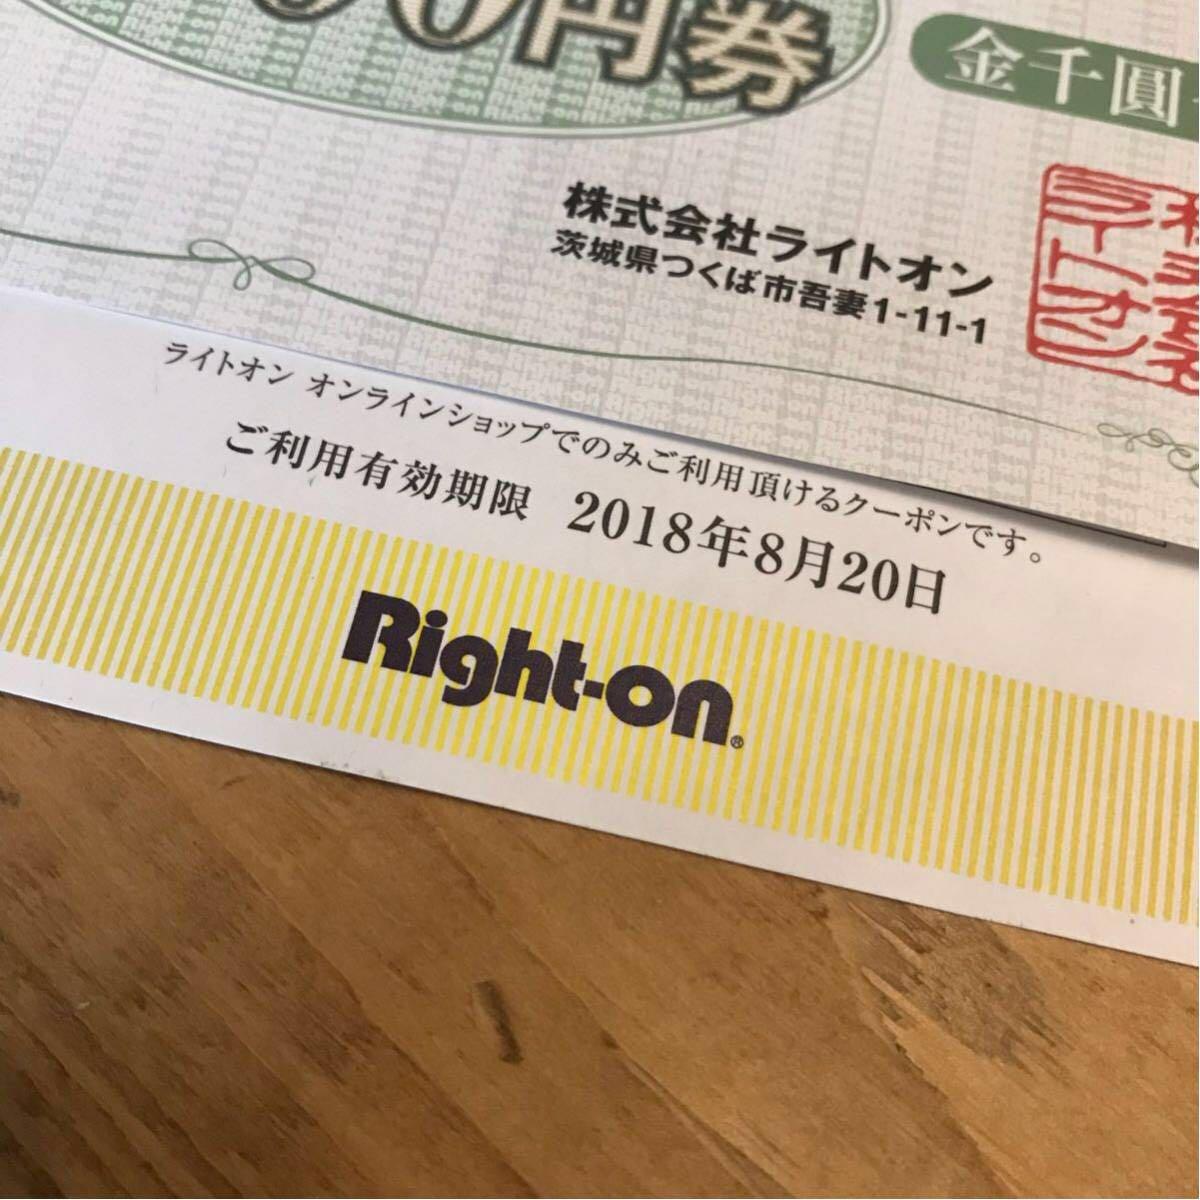 ライトオン right-on 株主優待券 商品券_画像2